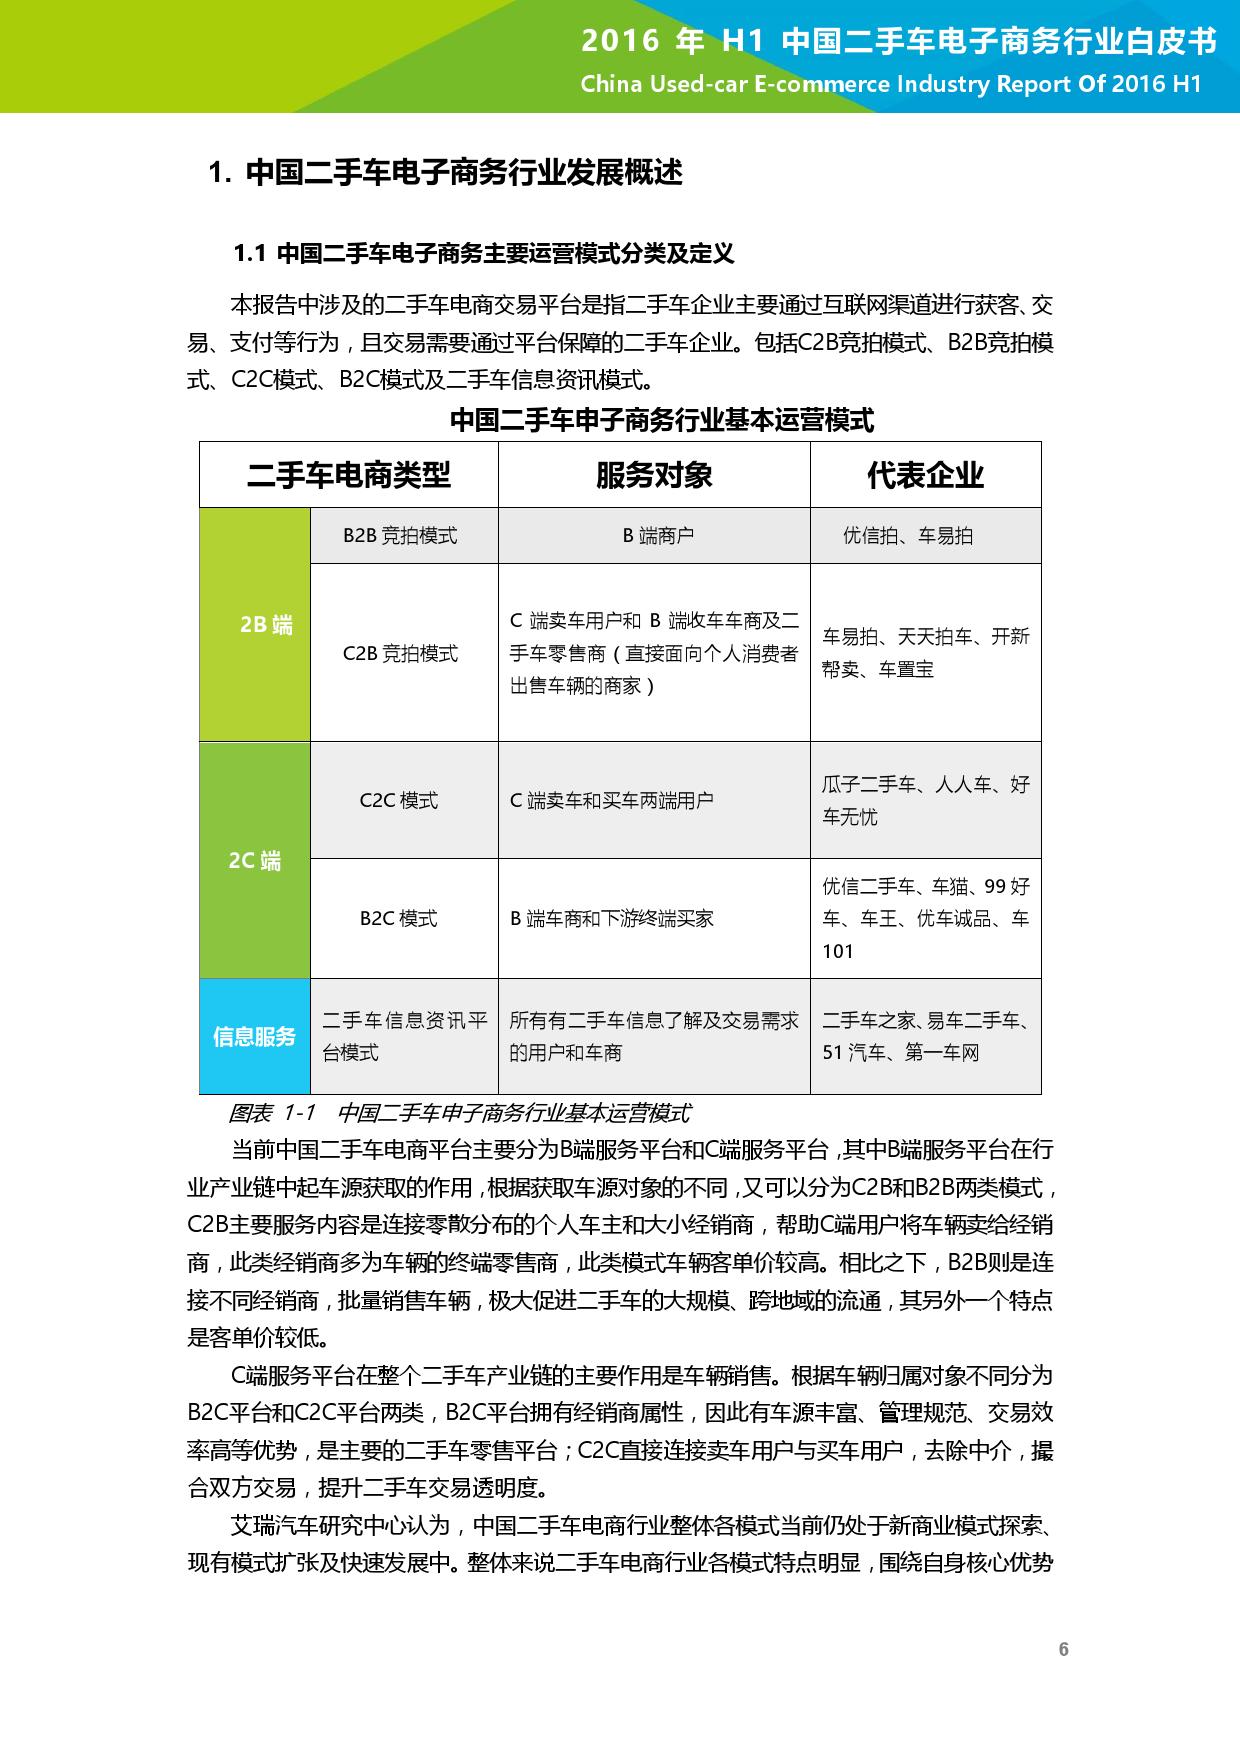 2016年H1中国二手车电子商务行业白皮书_000007